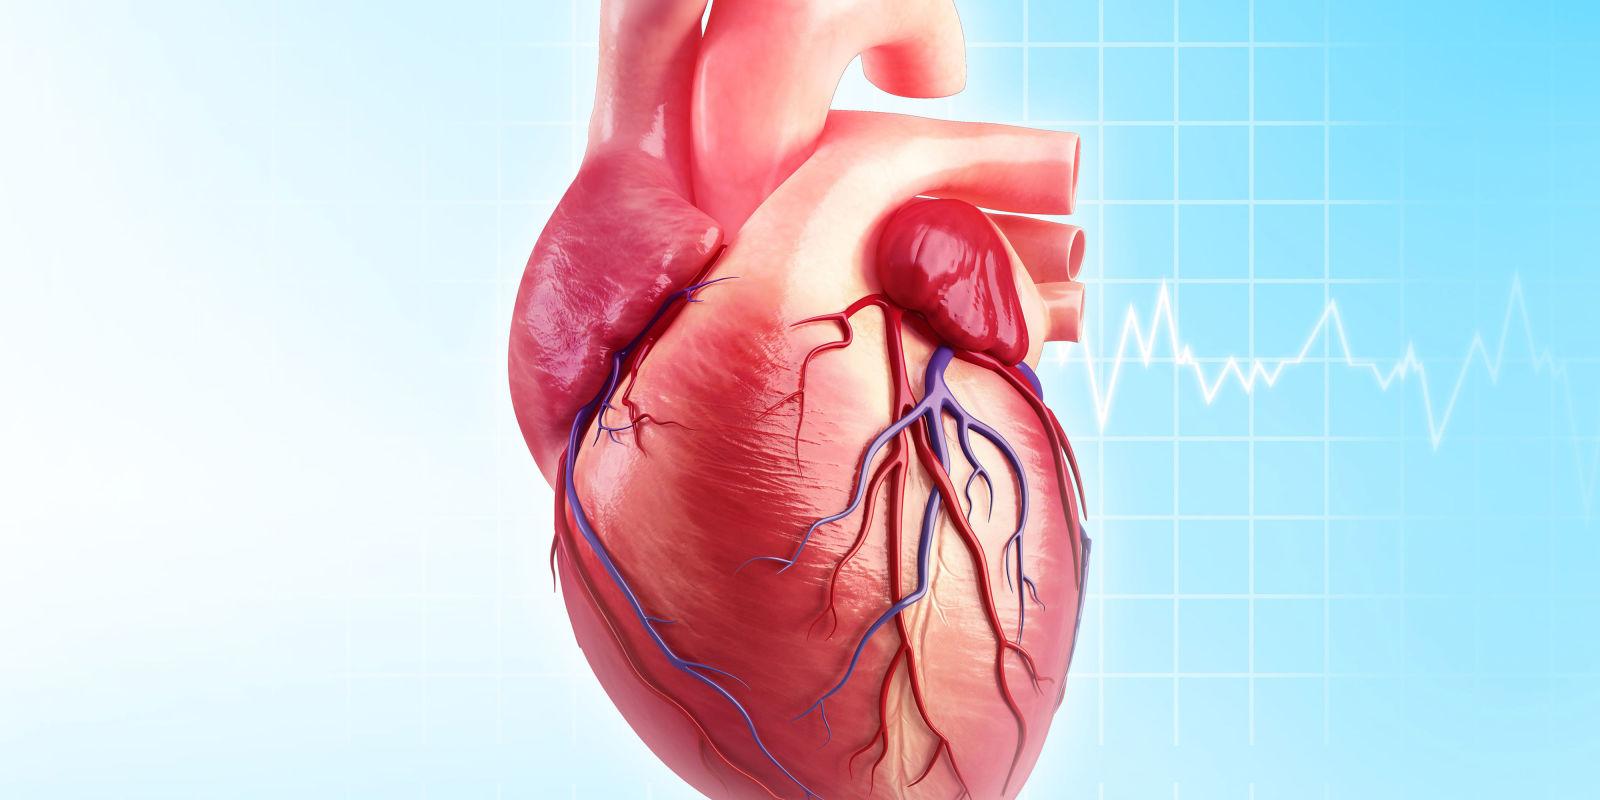 Ngăn ngừa đau tim và đột quỵ với 3 loại thực phẩm dễ tìm vừa được các nhà nghiên cứu công bố - Ảnh 1.